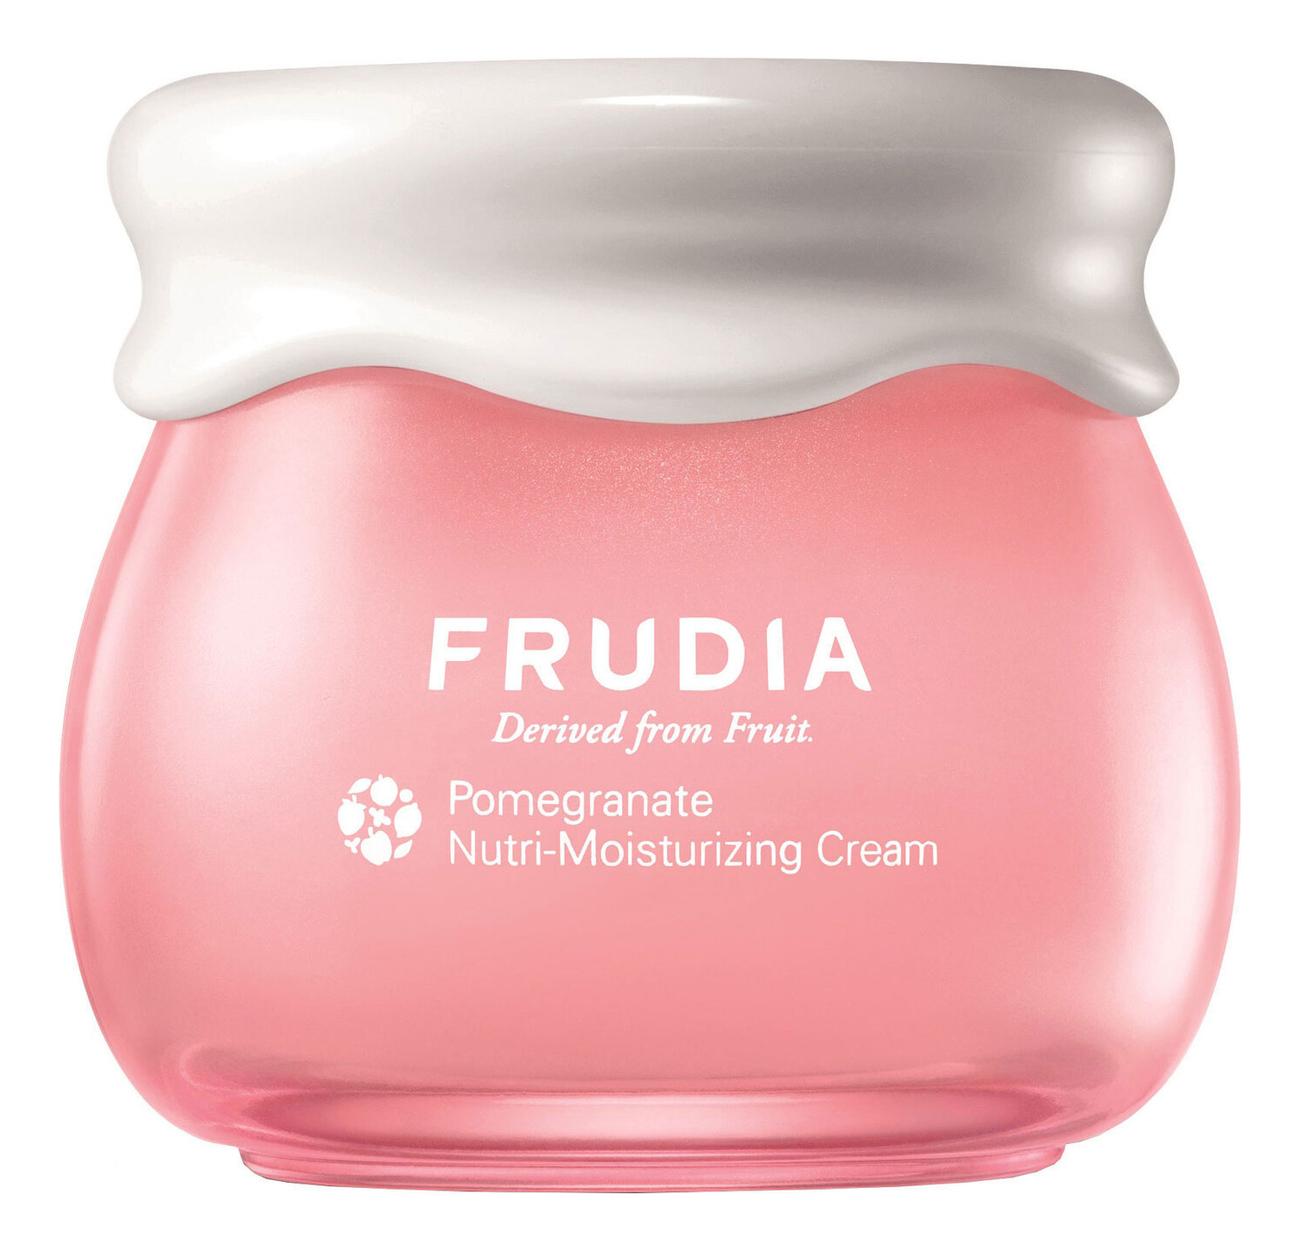 Питательный крем для лица с экстрактом граната Pomegranate Nutri-Moisturizing Cream 55мл: Крем 55г